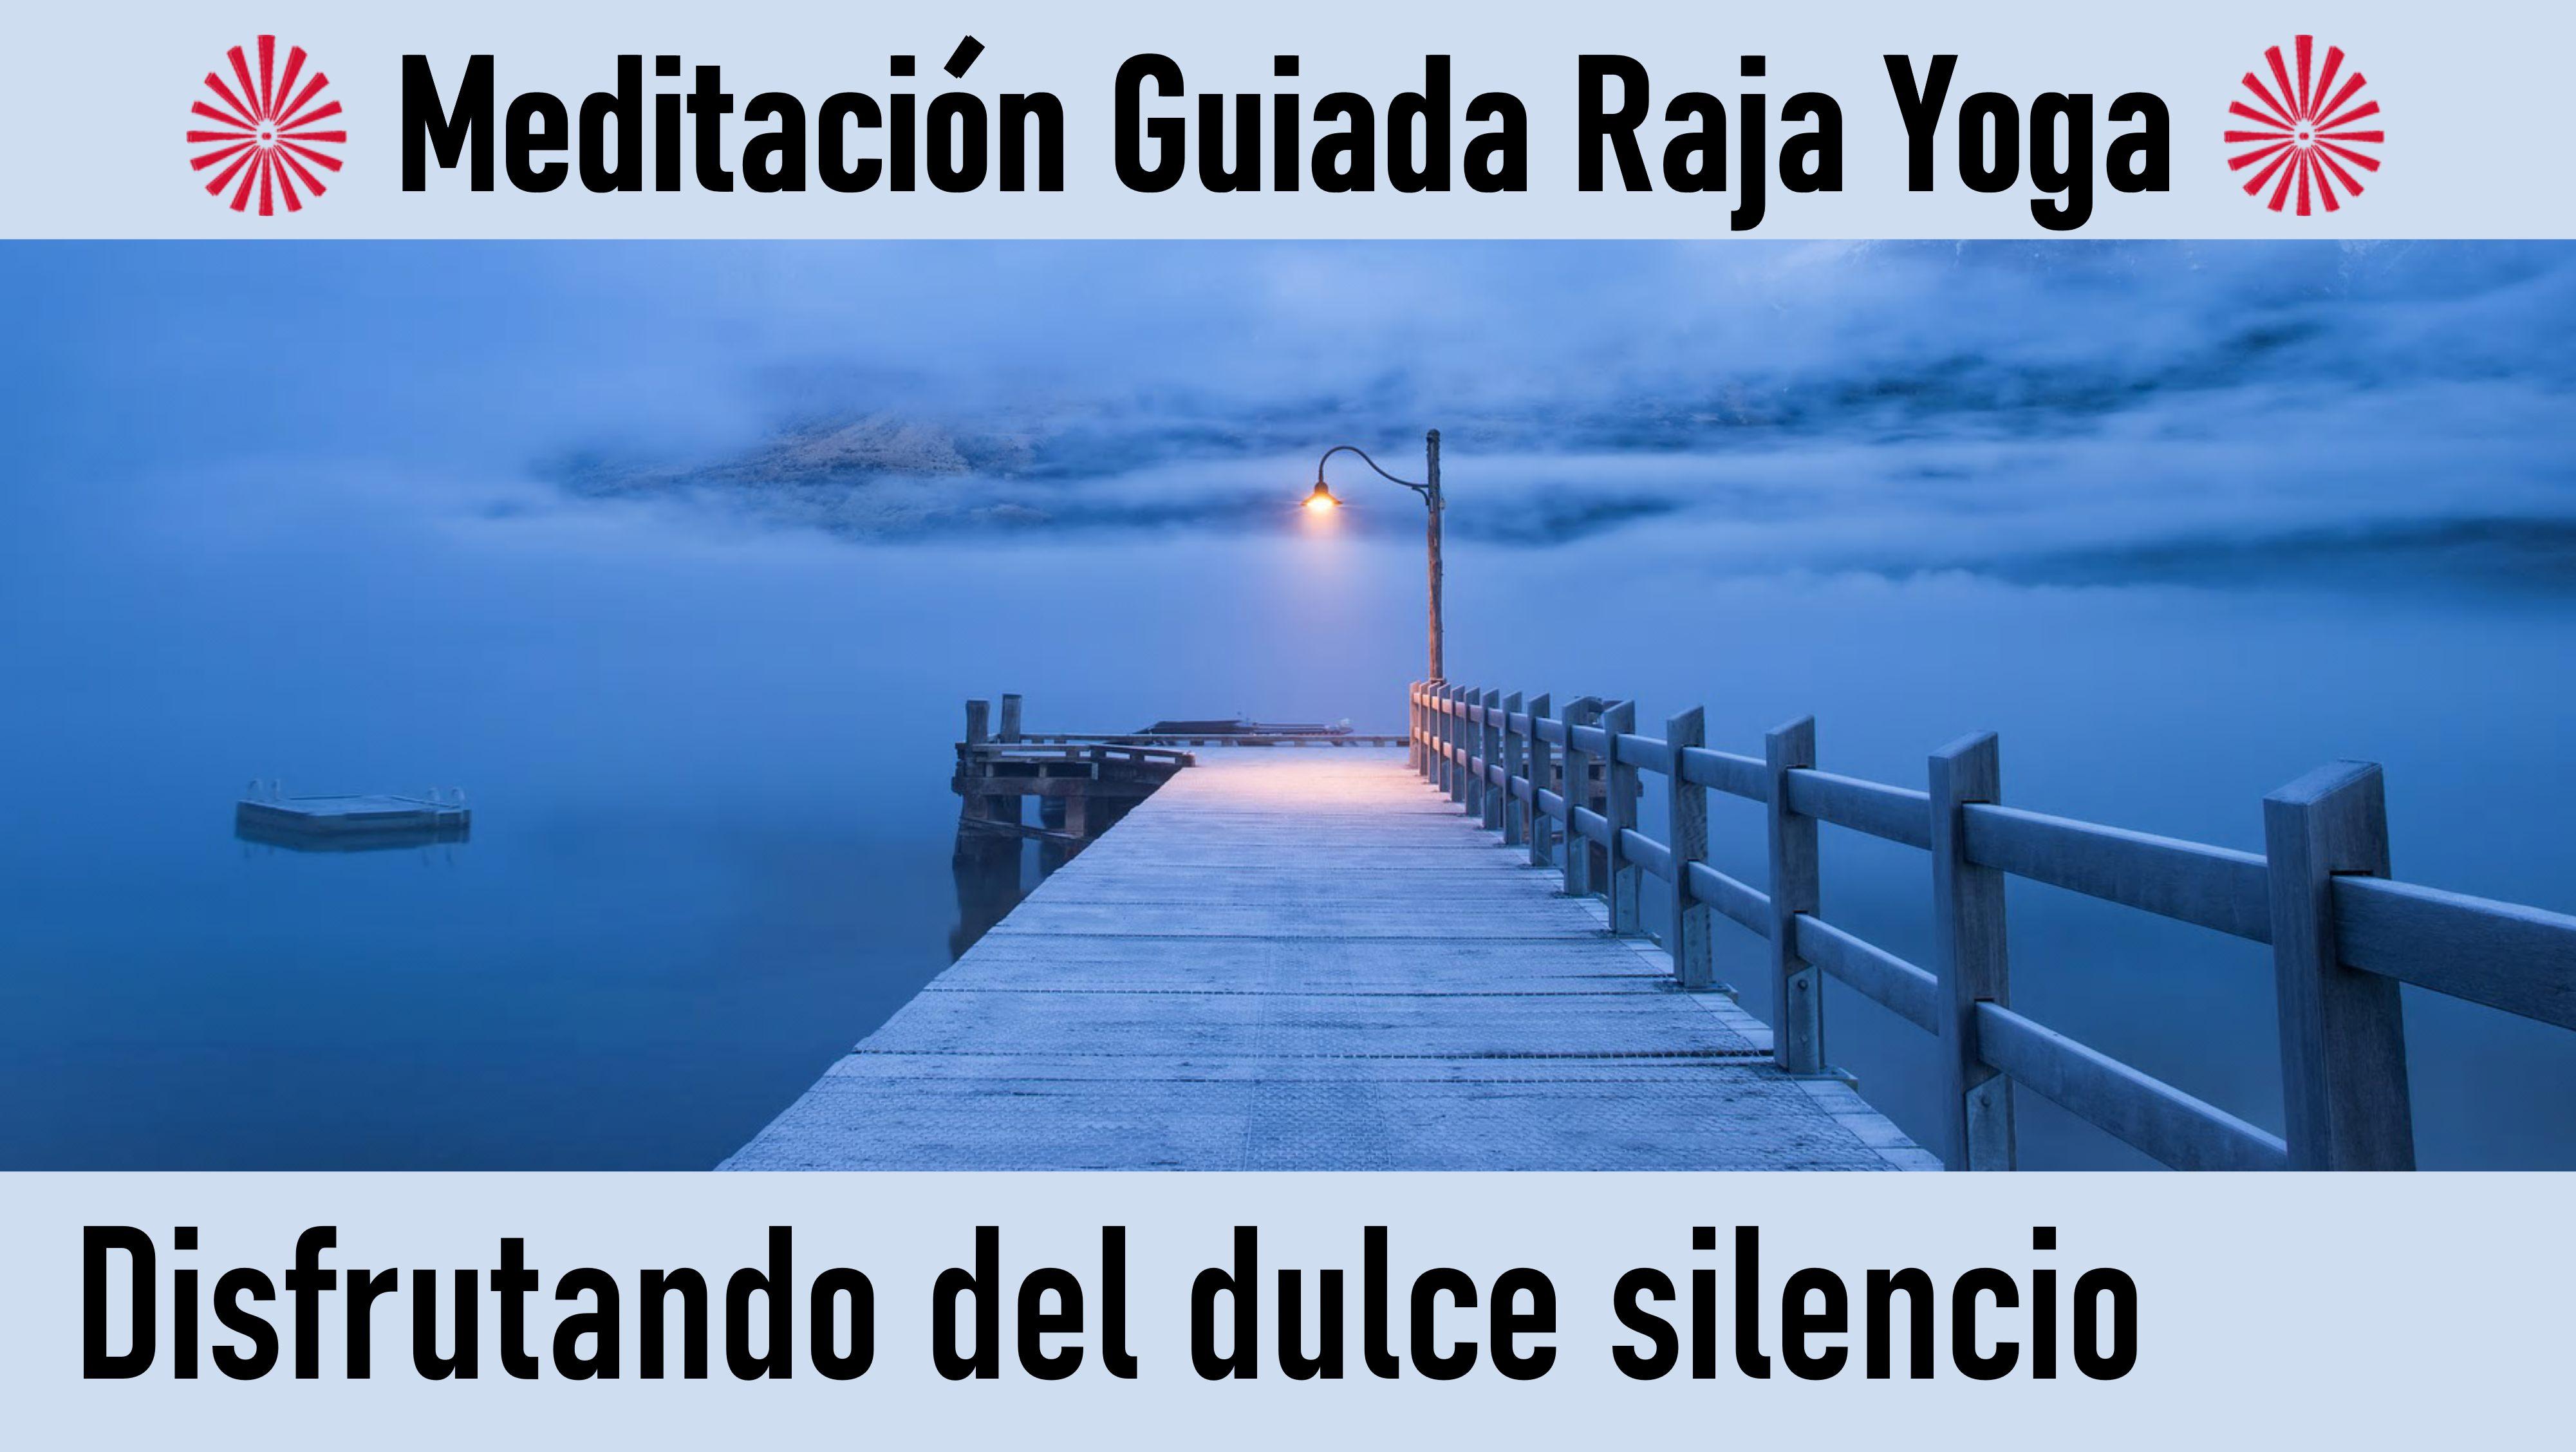 26 Junio 2020 Meditación Guiada: Disfrutando del dulce silencio